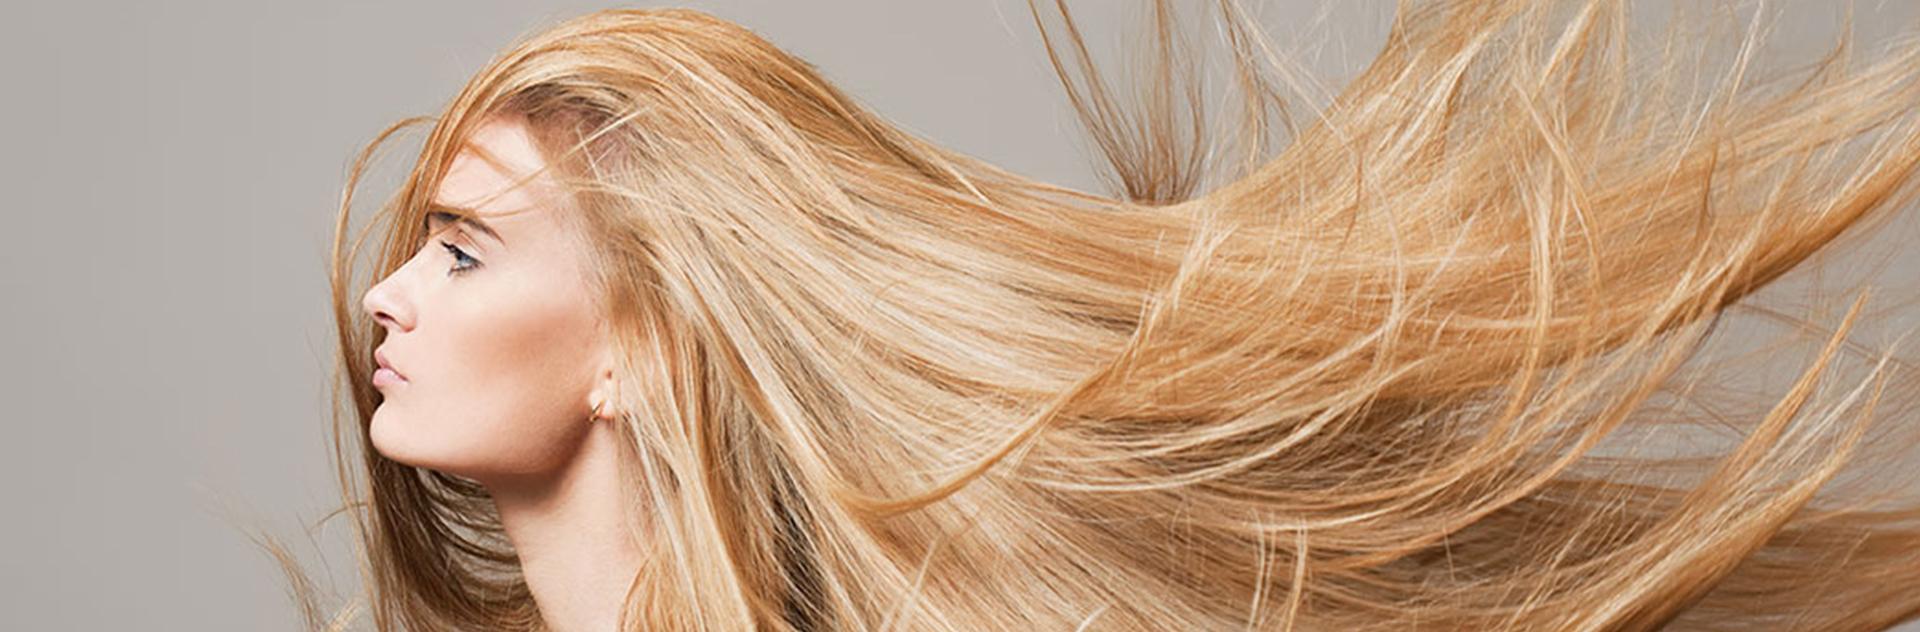 шампунь против желтизны волос